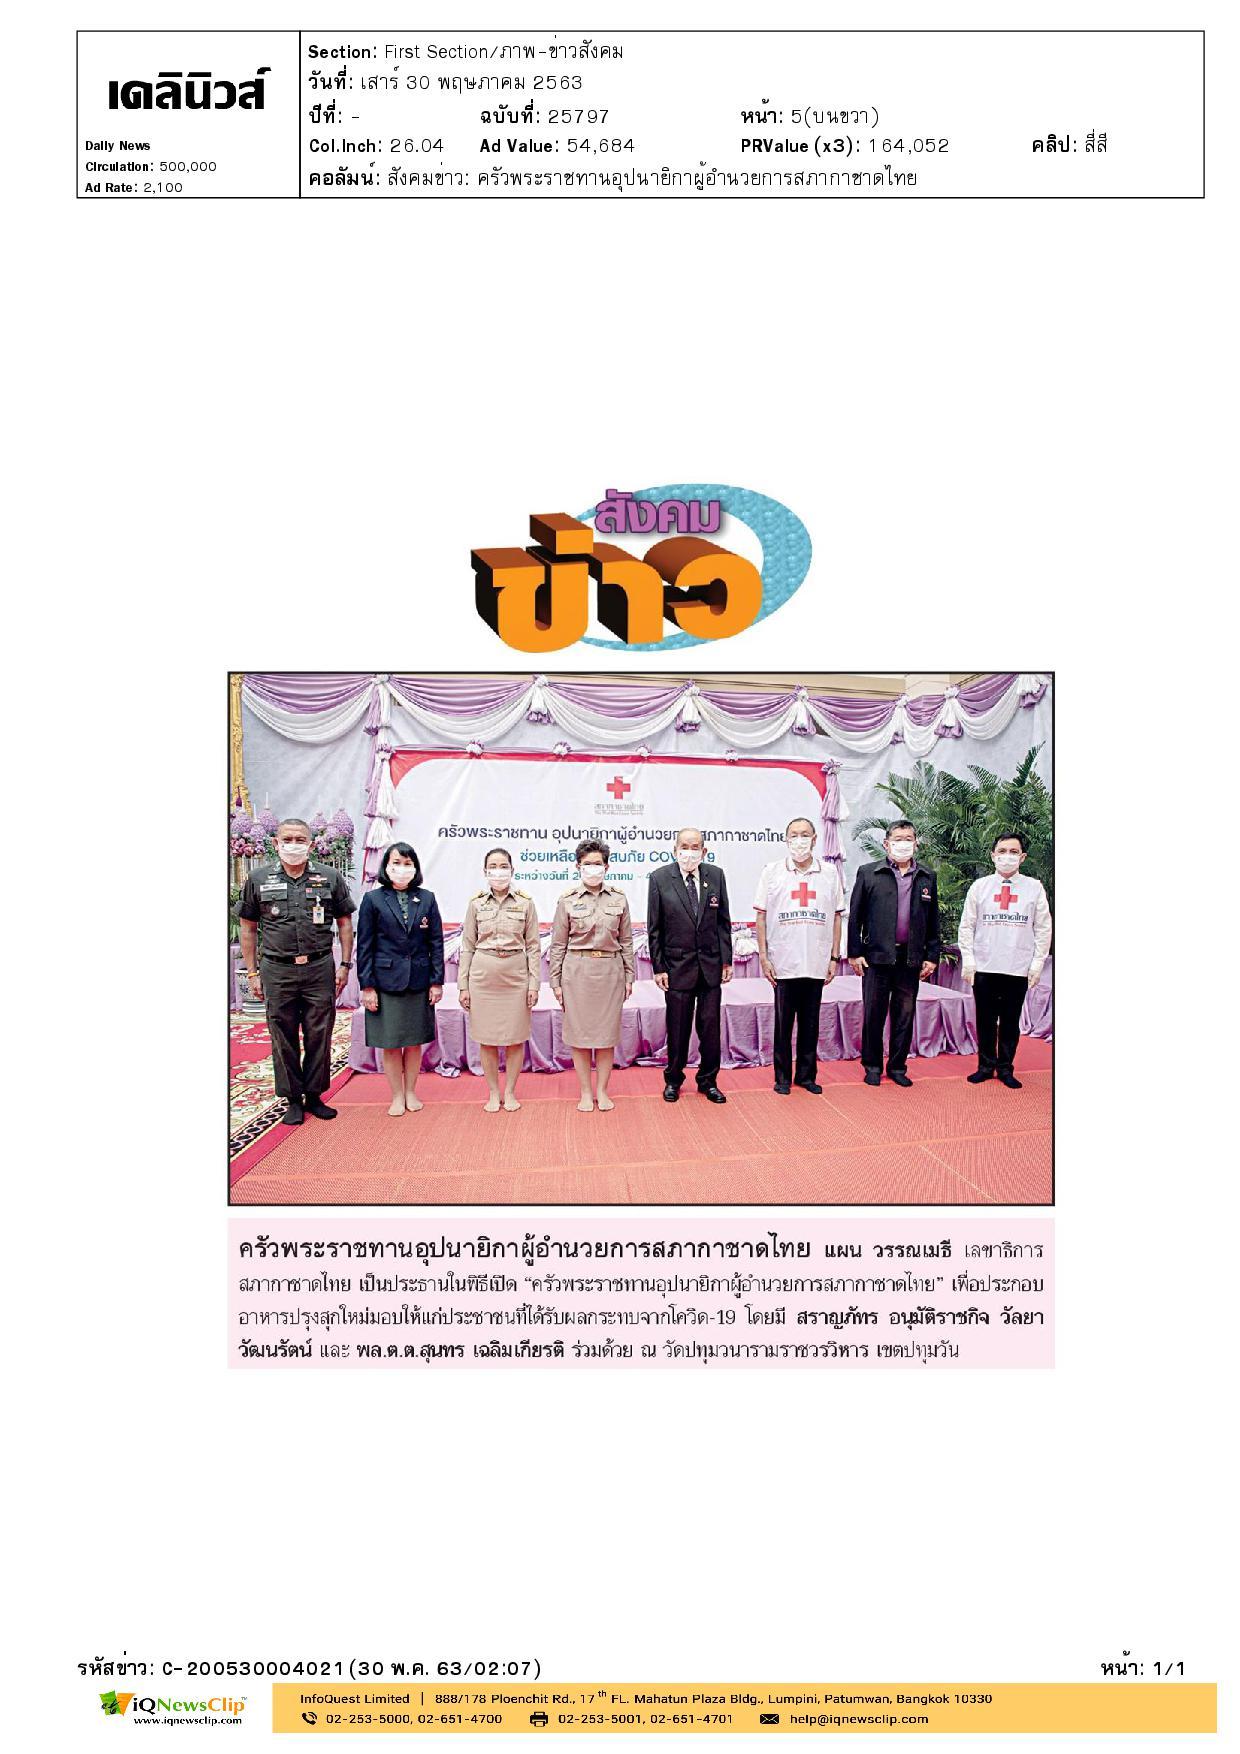 ครัวพระราชทานอุปนายิกาผู้อำนวยการสภากาชาดไทย